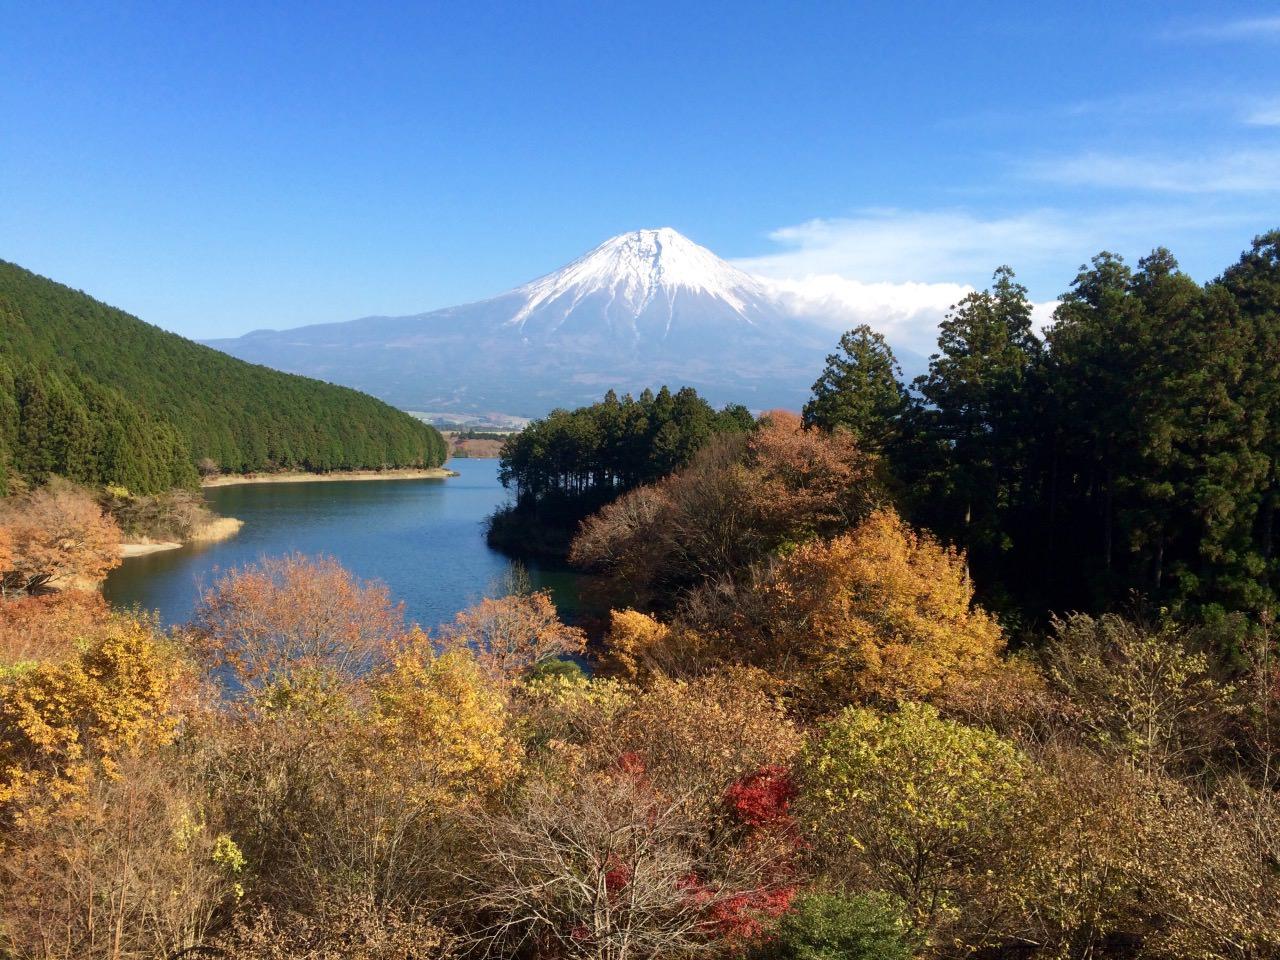 Lake Tanukiko